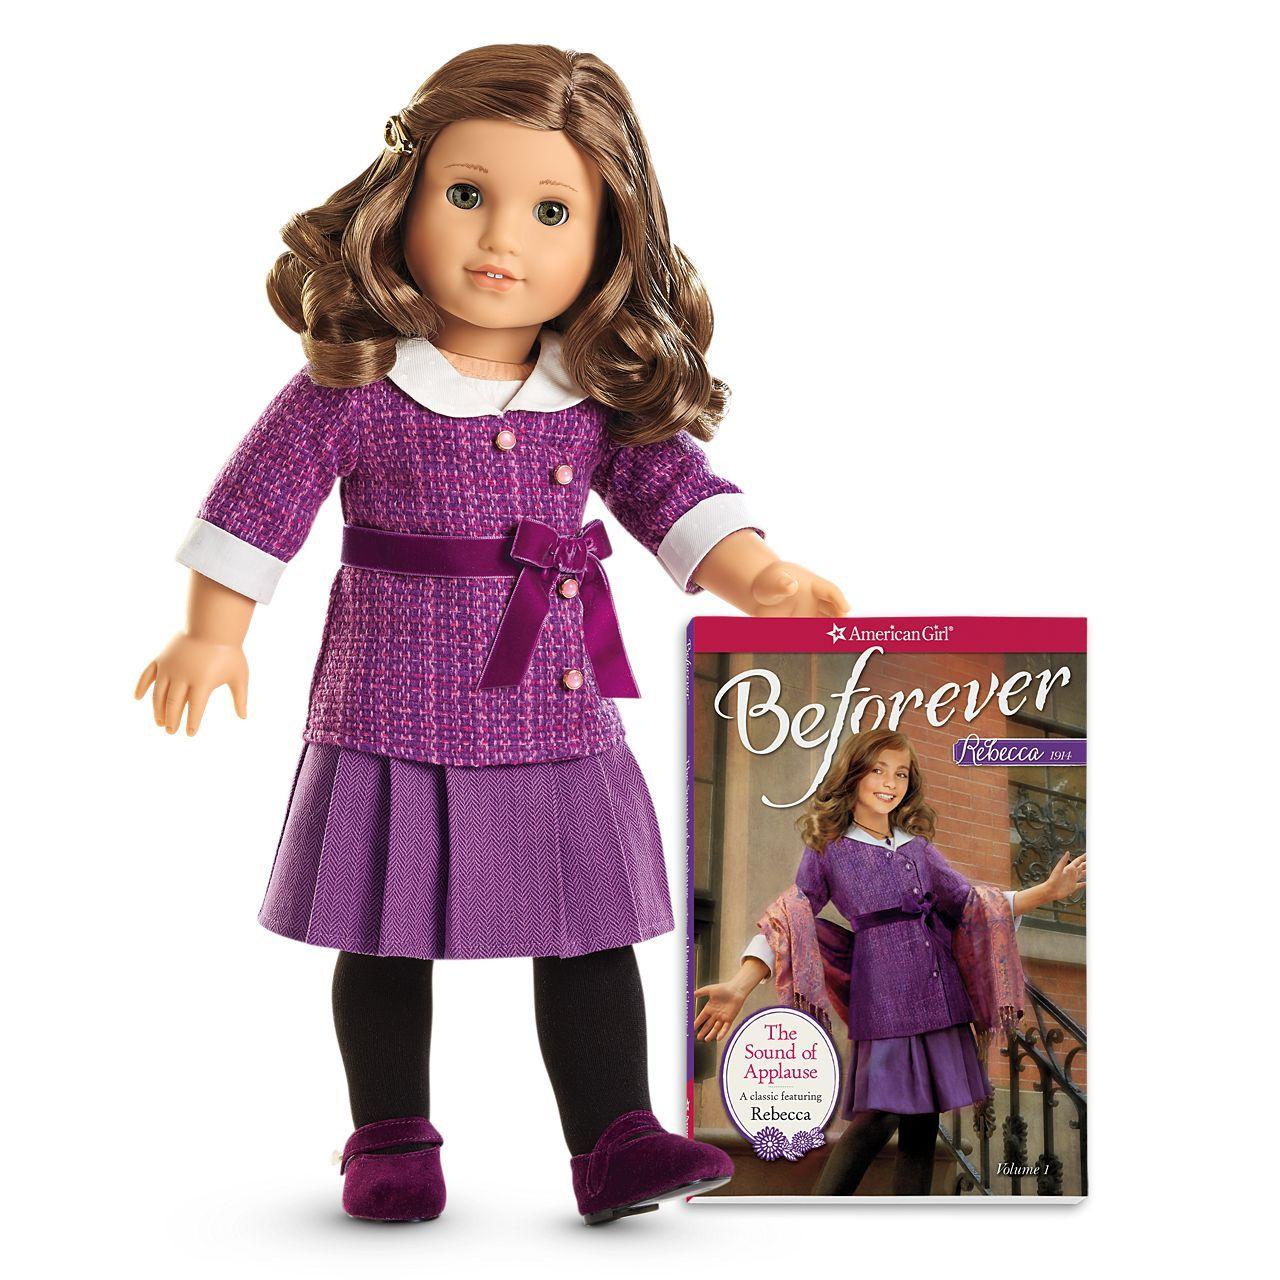 American girl rebecca doll u paperback book dottie u ben wants